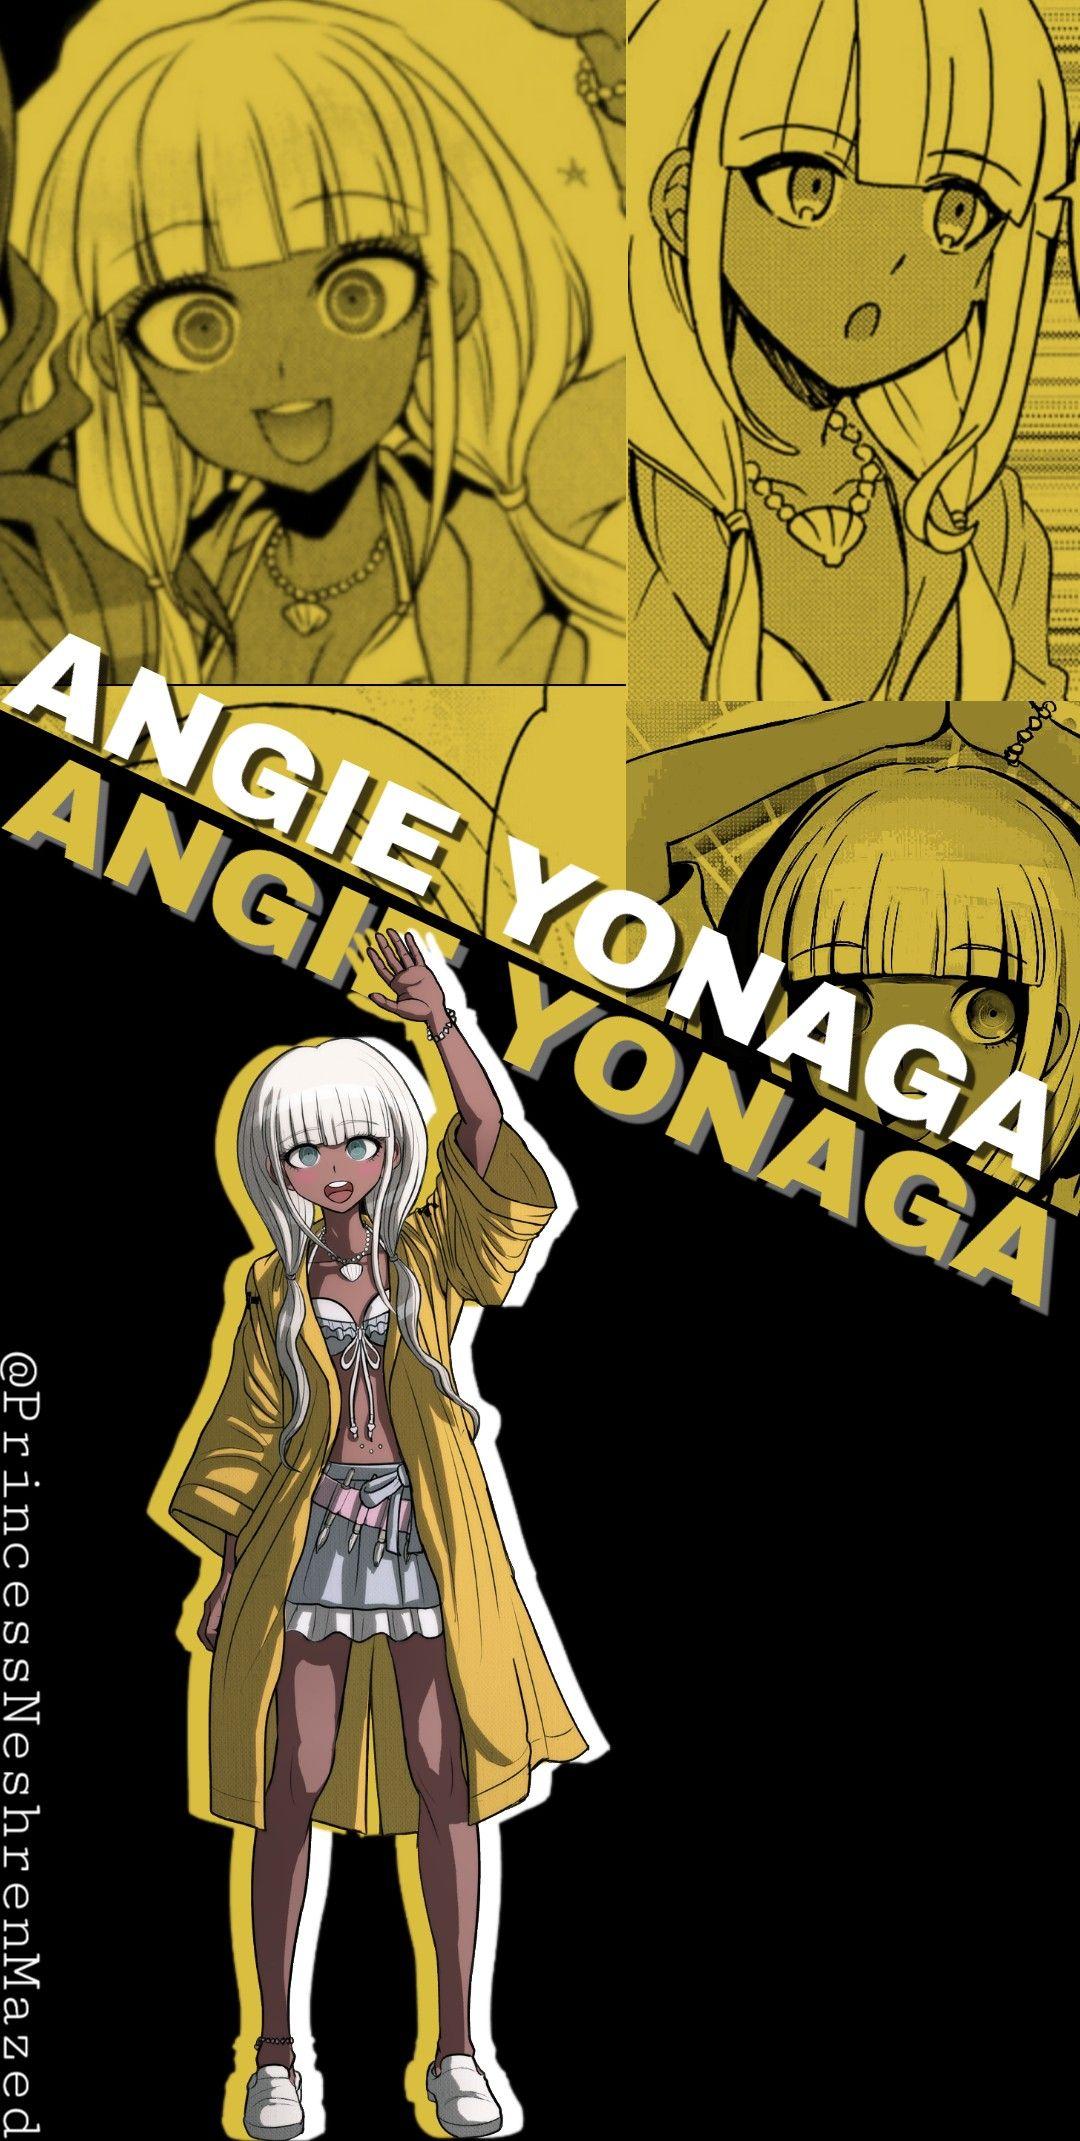 Angie Yonaga wallpaper in 2020 Angie yonaga, Danganronpa